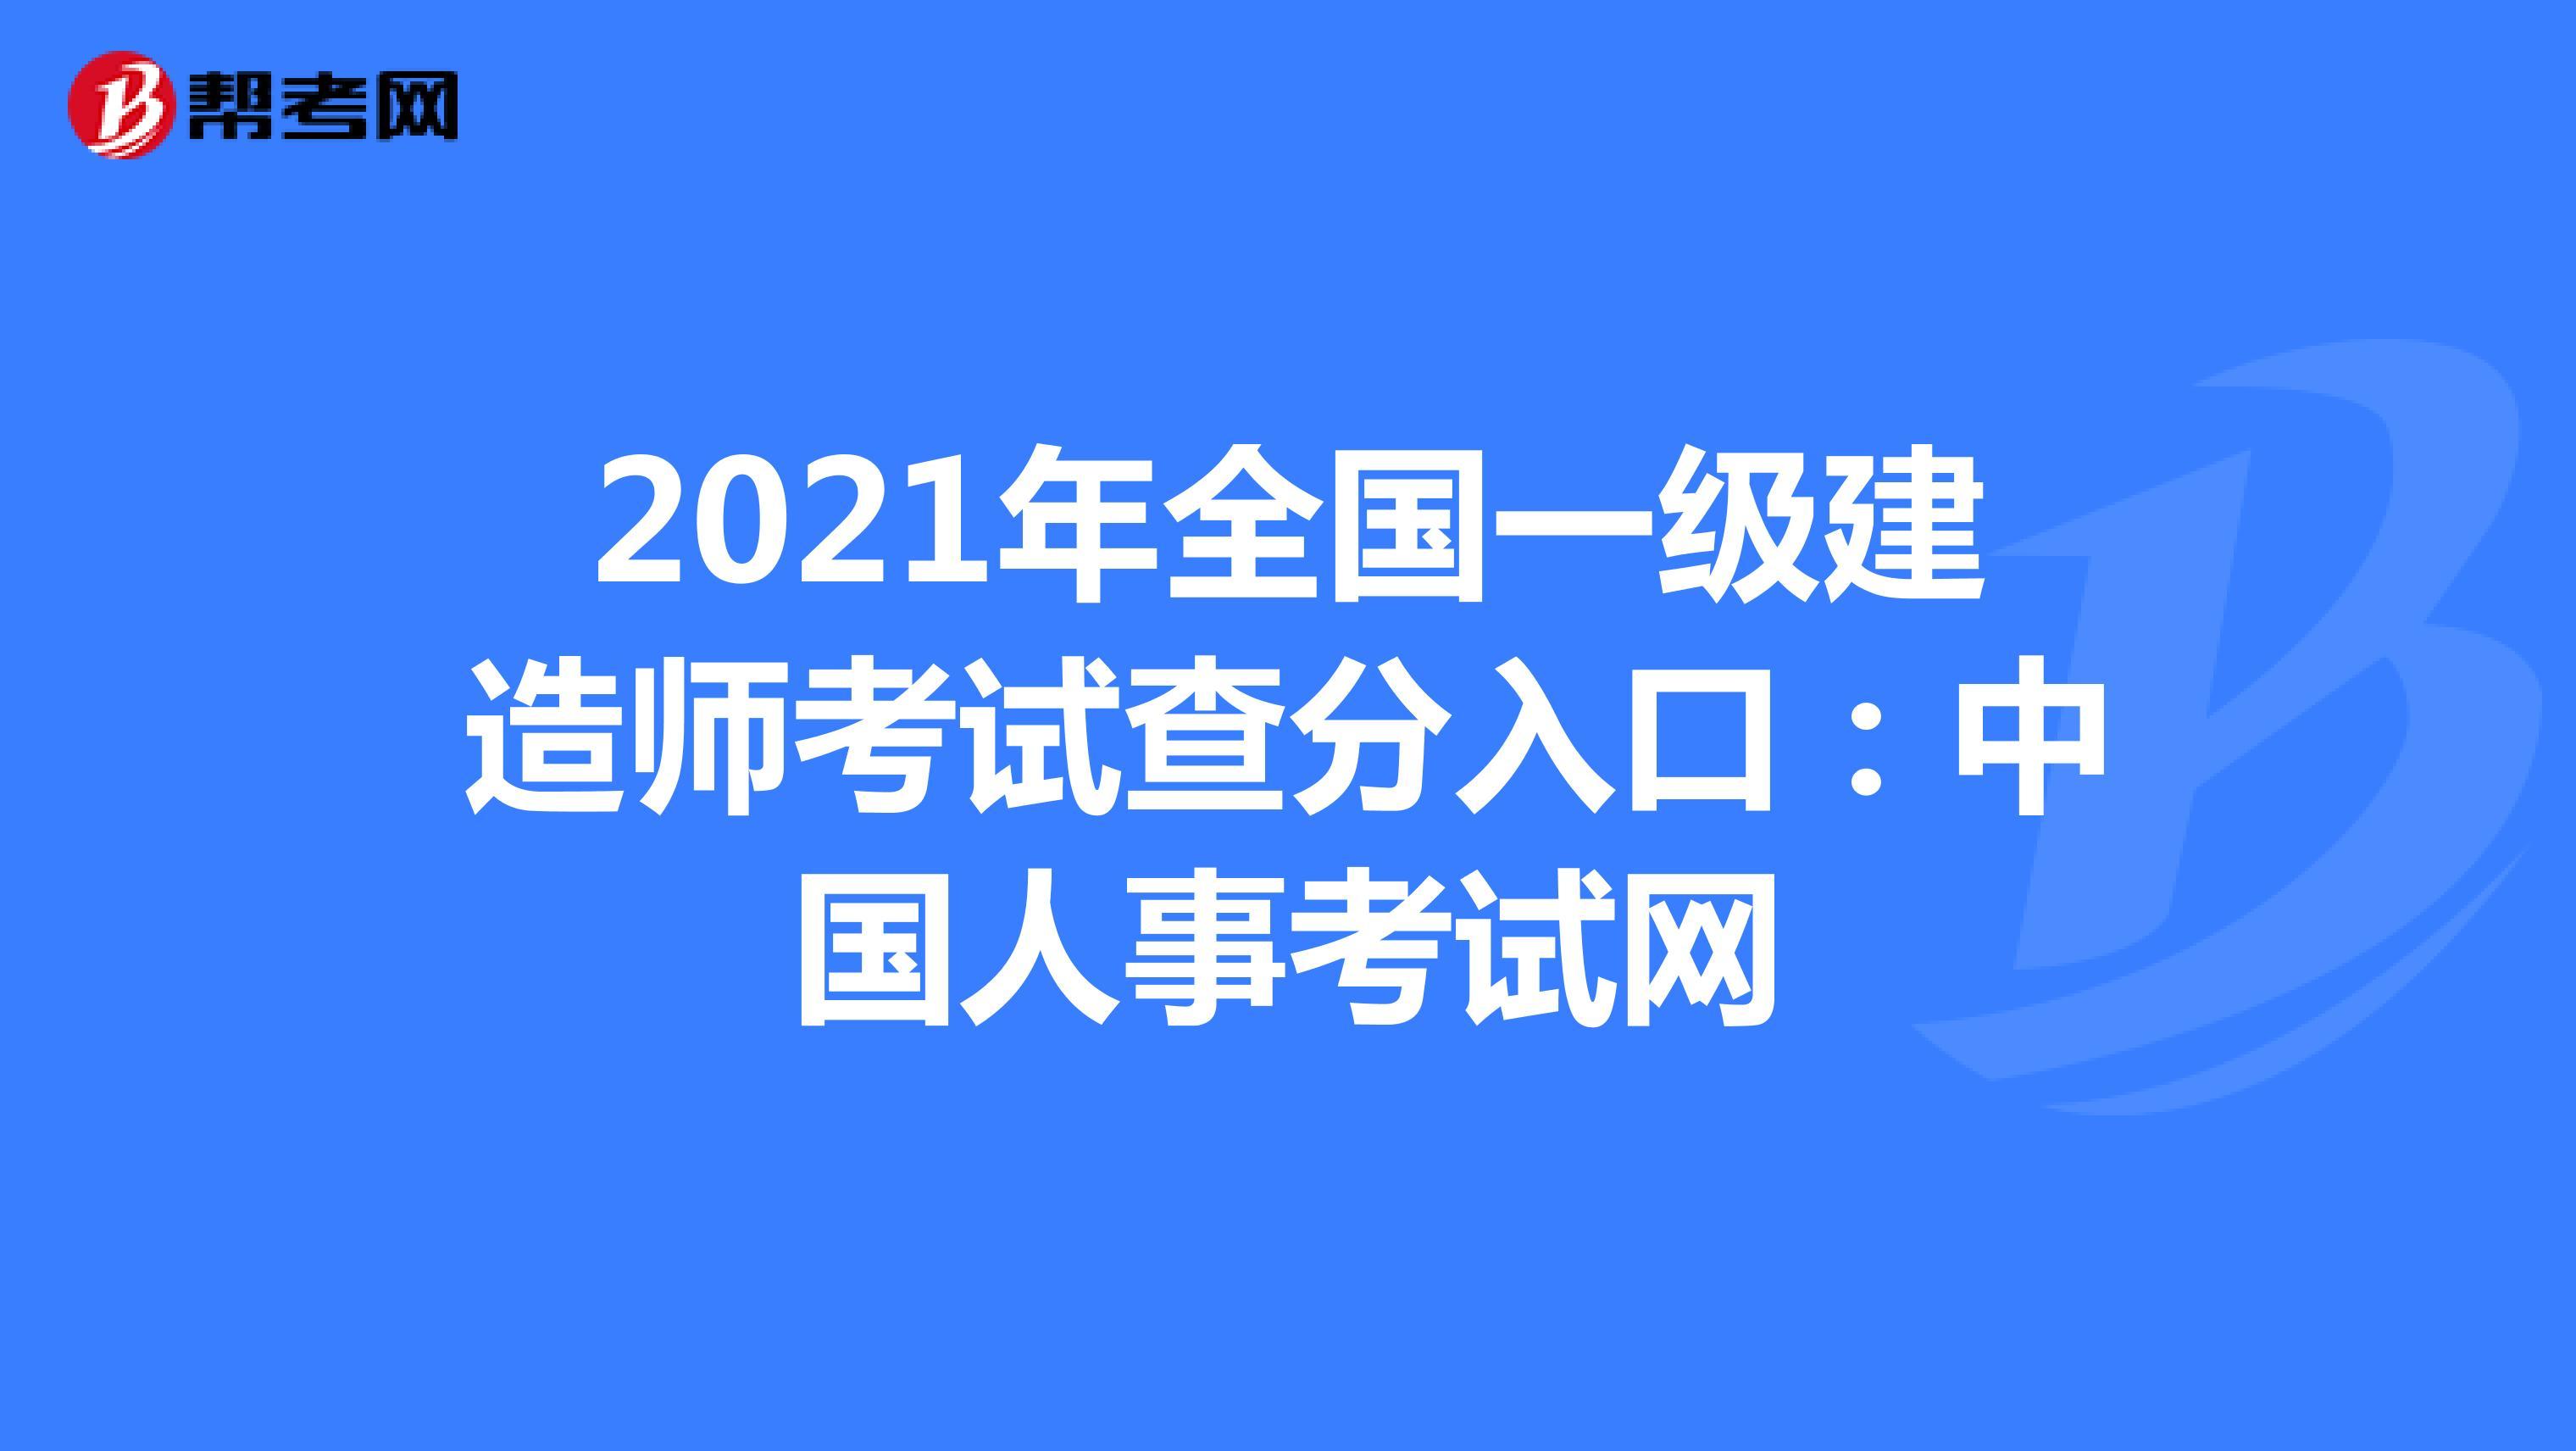 2021年全国一级建造师考试查分入口:中国人事考试网